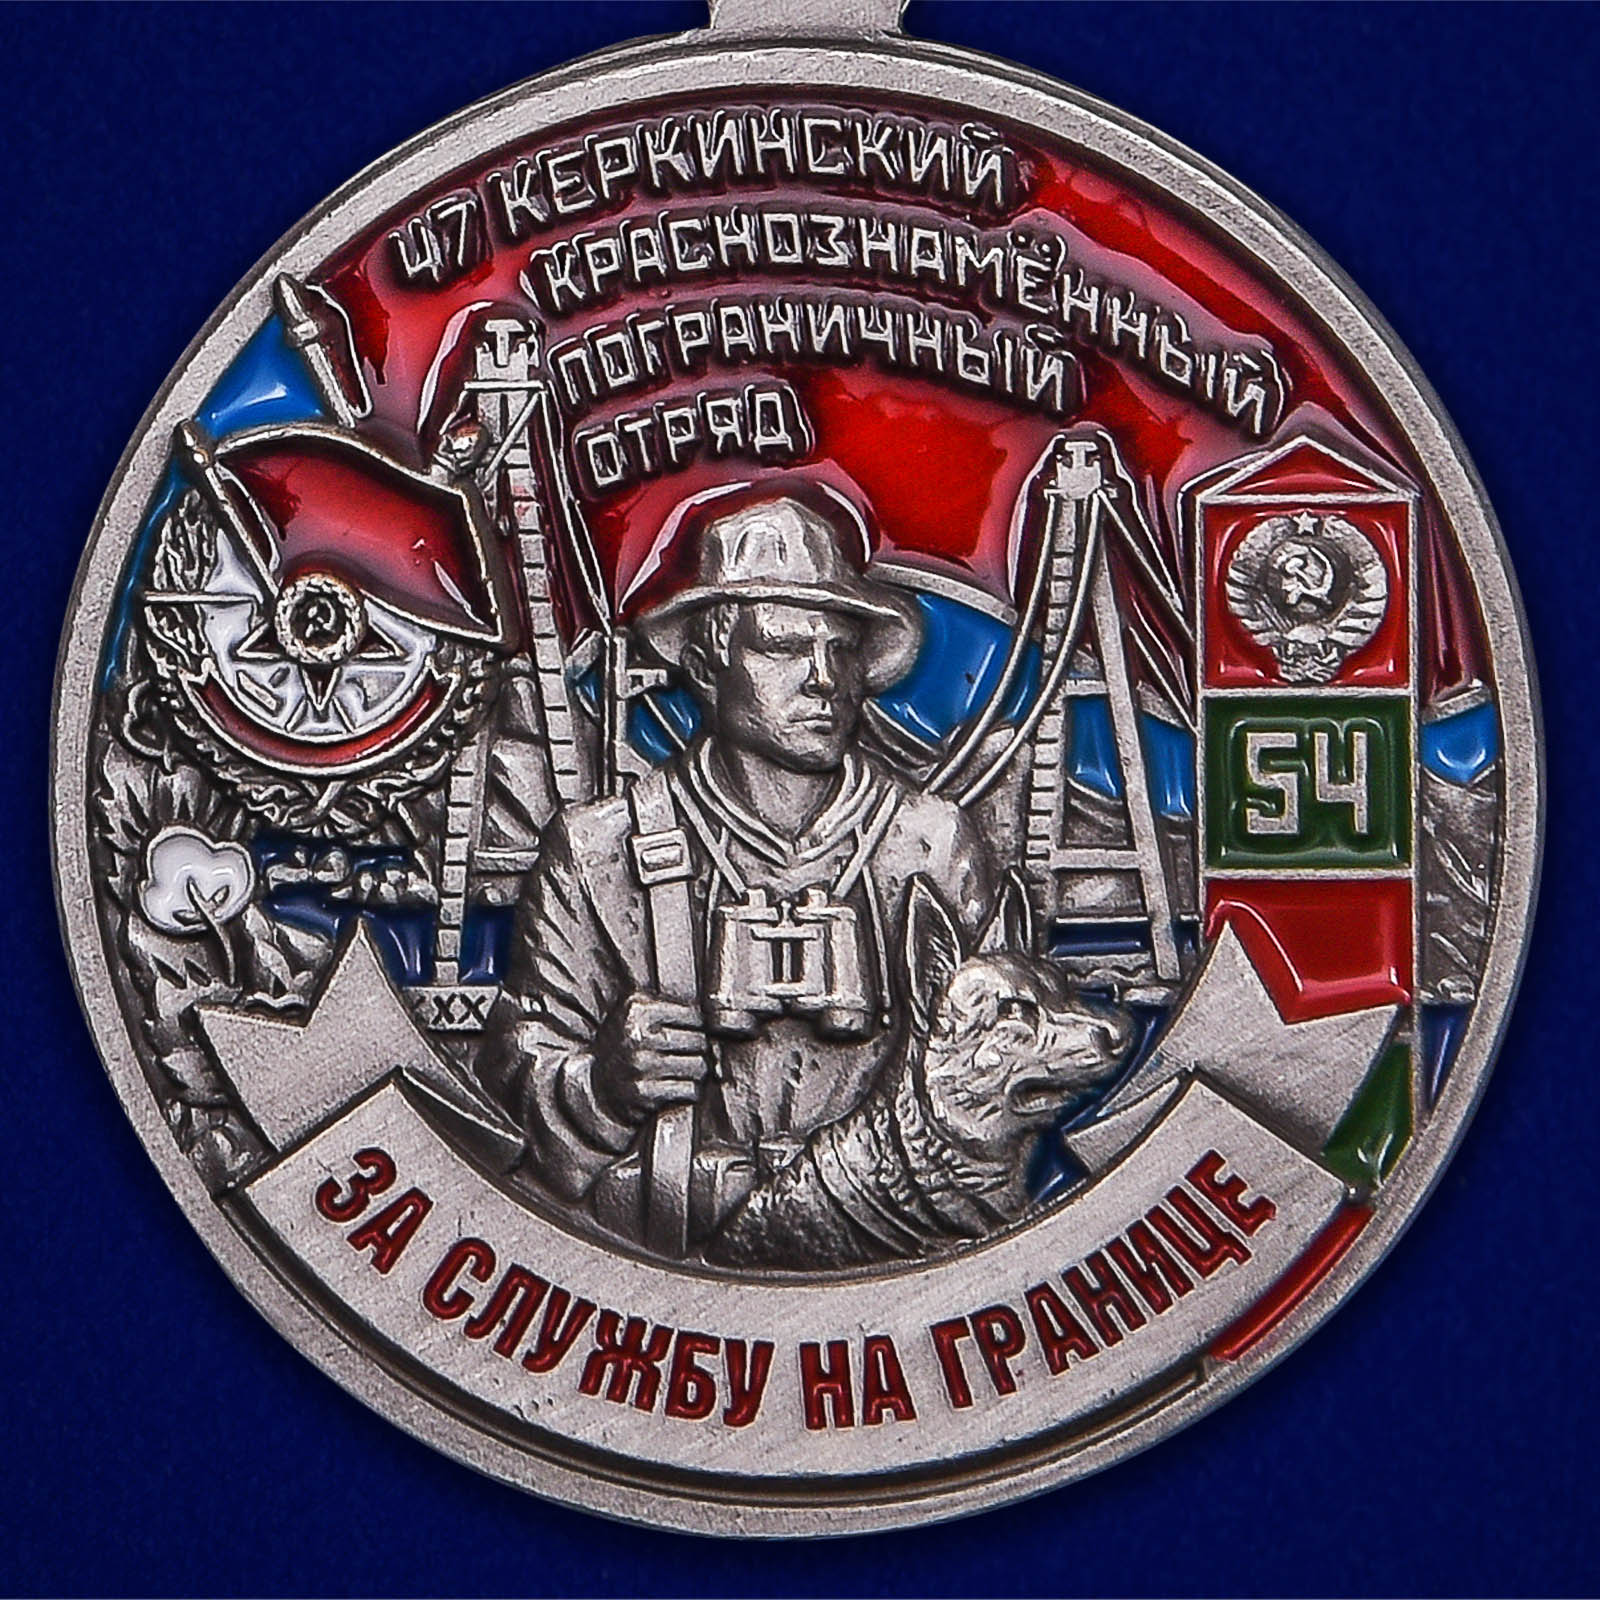 Наградная медаль ПВ За службу на границе (47 Керкинский ПогО)